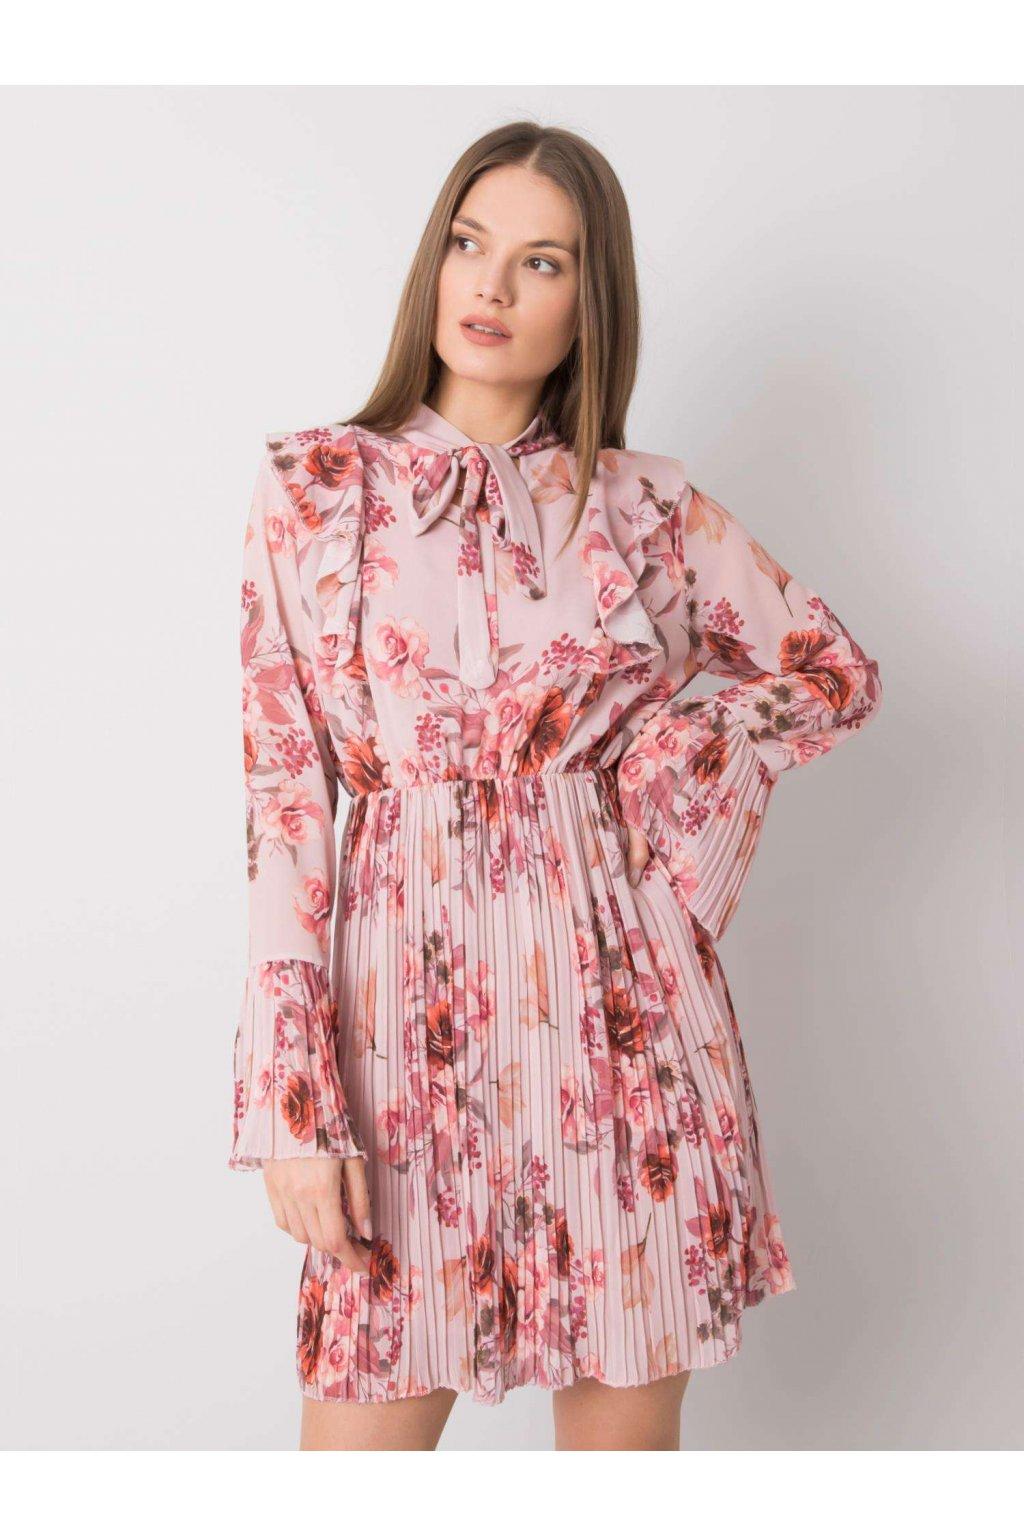 pol pl Brudnorozowa sukienka w kwiaty Hayley 362593 4